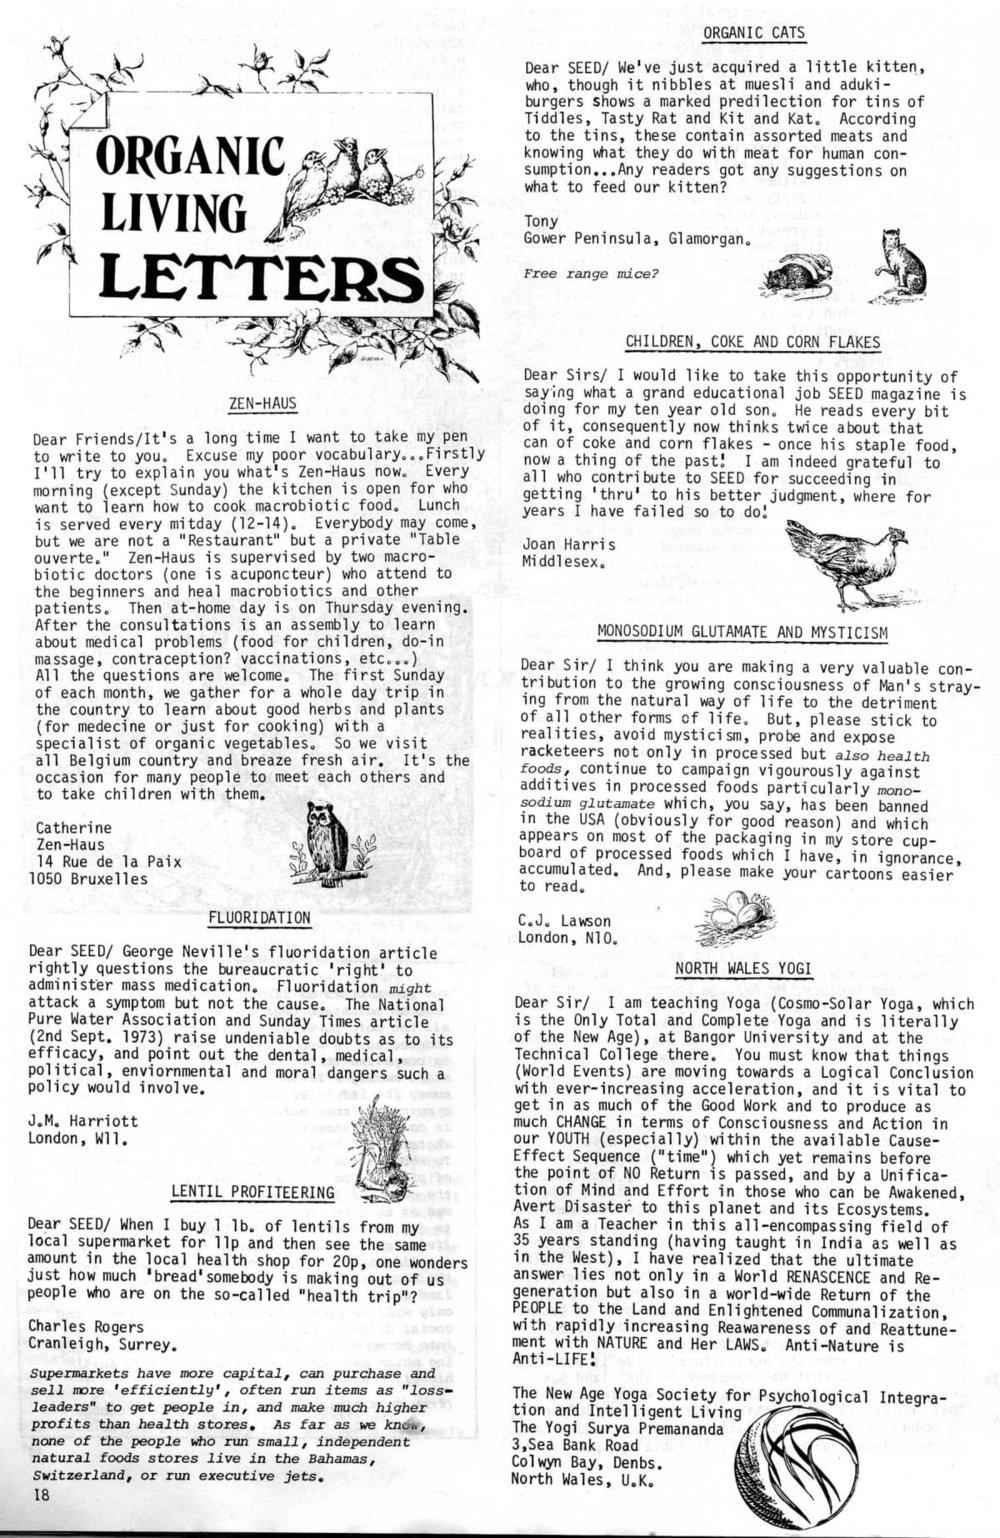 seed-v3-n2-feb1974-18.jpg